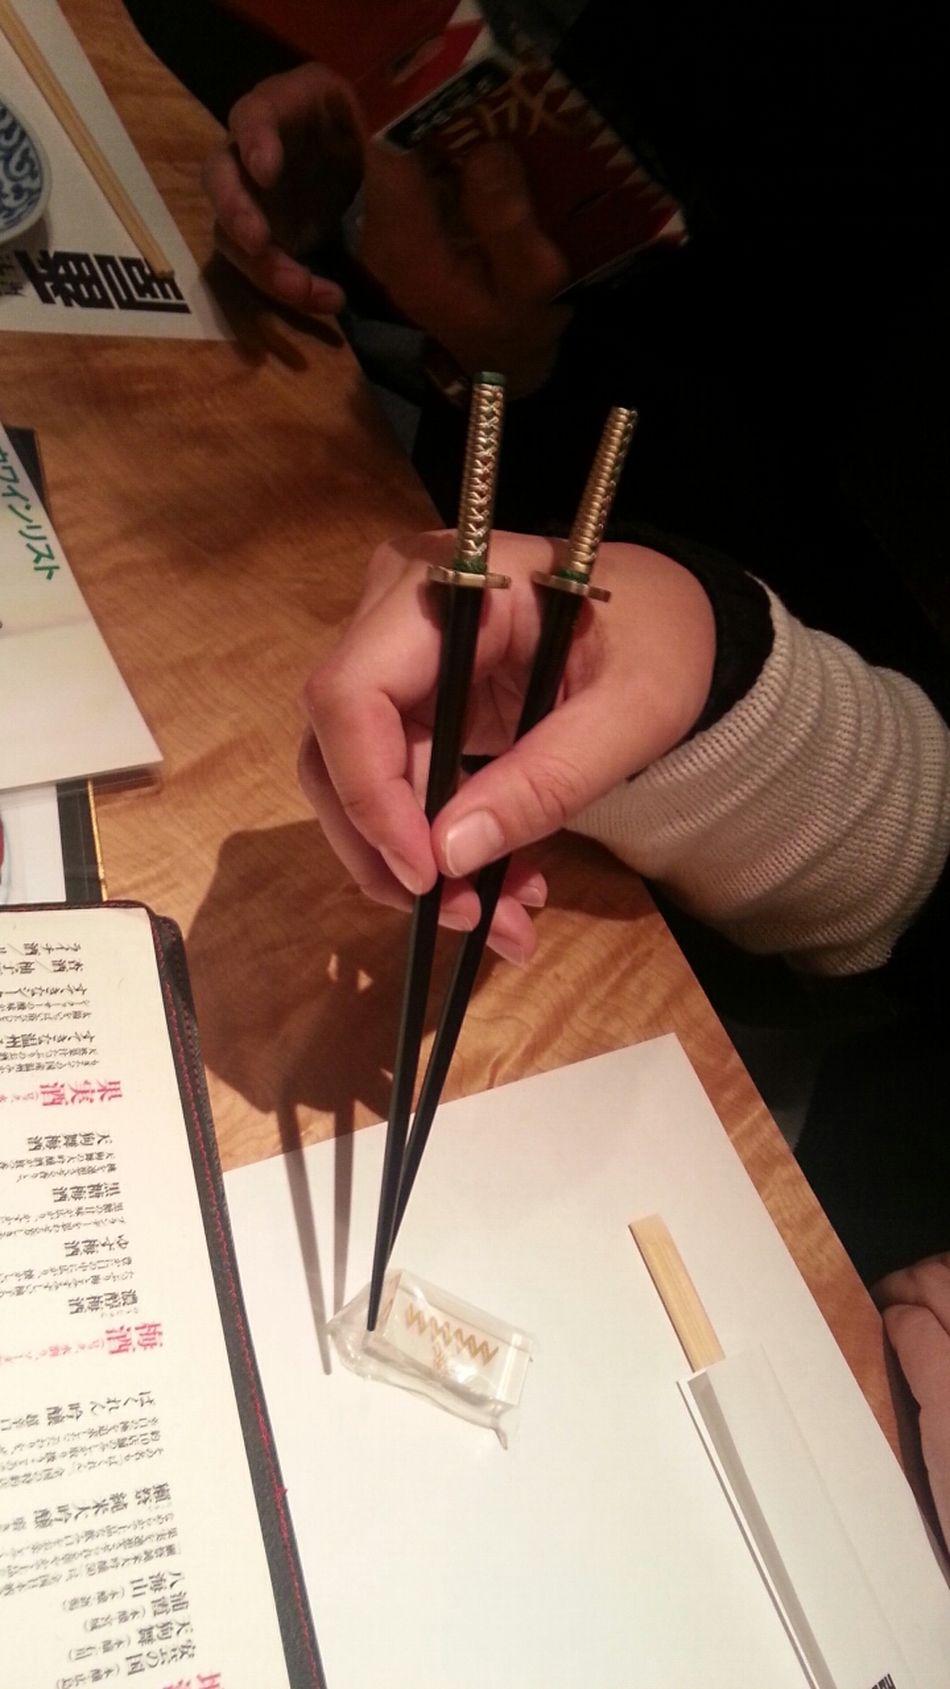 sword chopsticks Shinsengumi Souji Okita Chopsticks Sword Shinsengumi Souji Okita